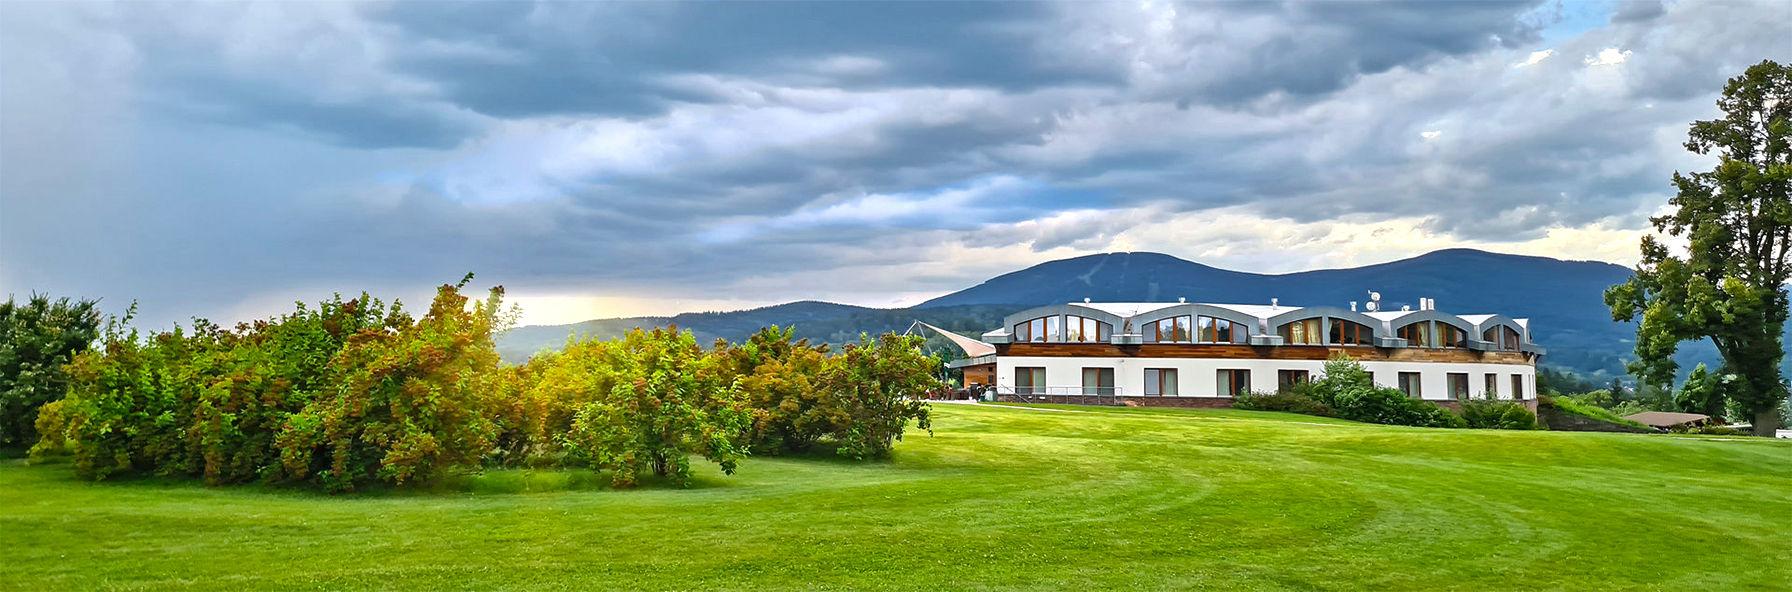 Letní relax s výlety a překrásným výhledem na Krkonoše